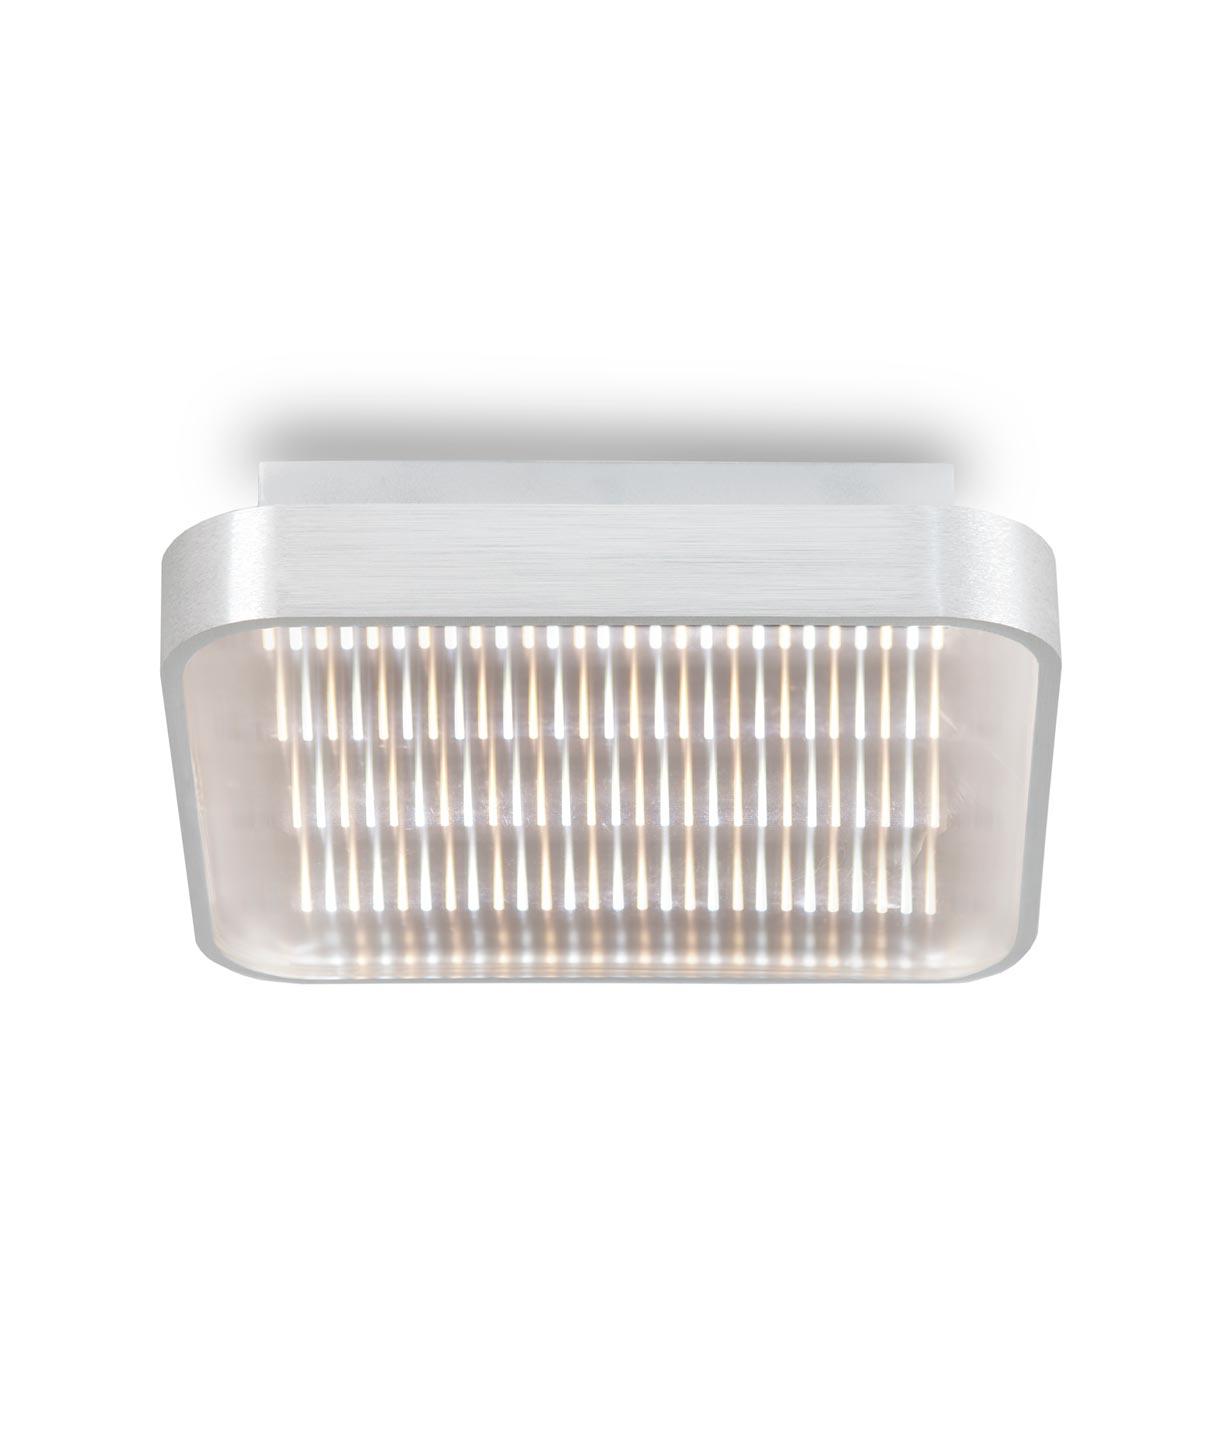 Plafón cuadrado 18W REFLEX LED